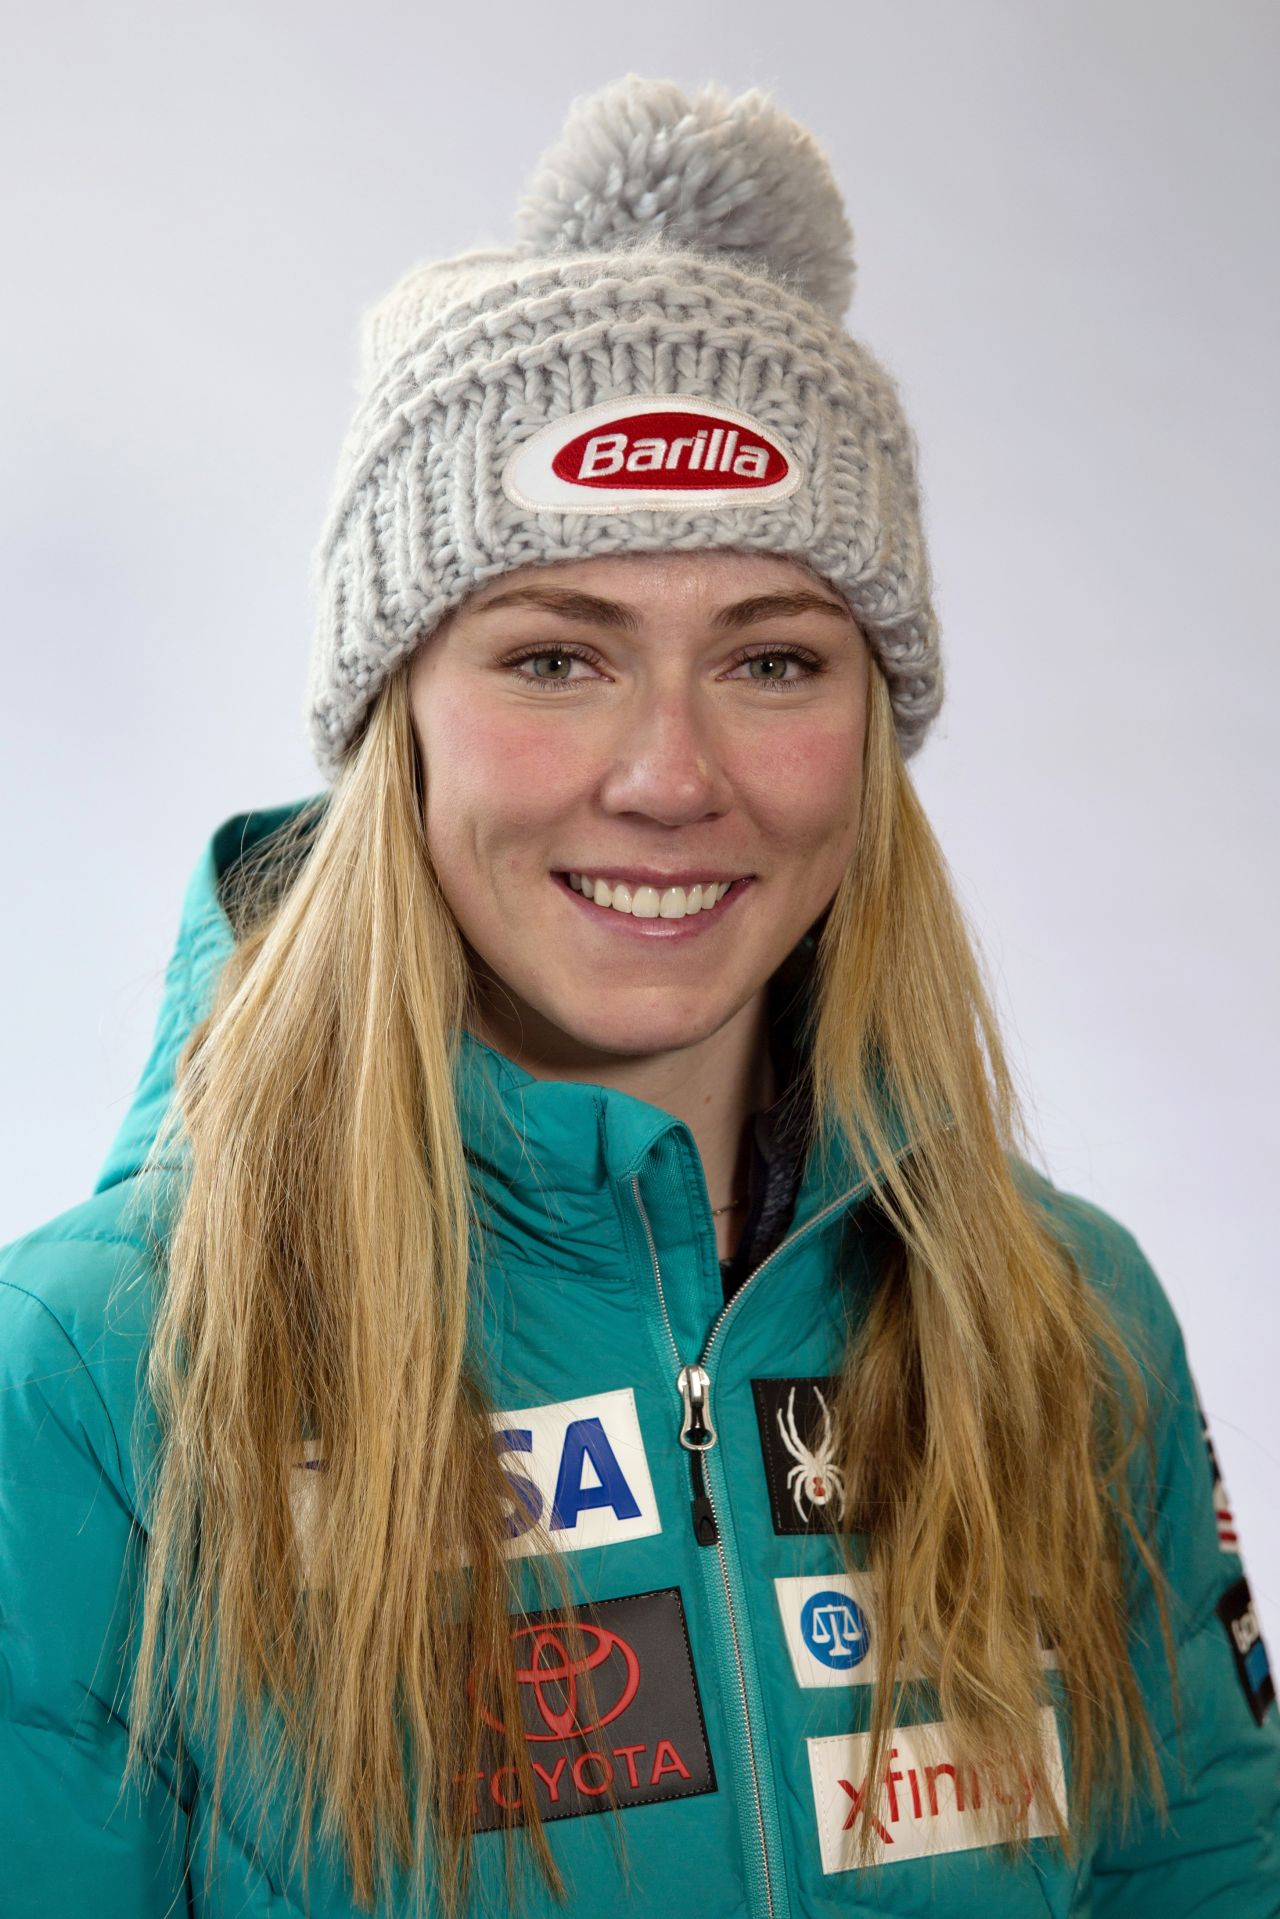 Mikaela Shiffrin - US Alpine Ski Team Headshots 2017/18